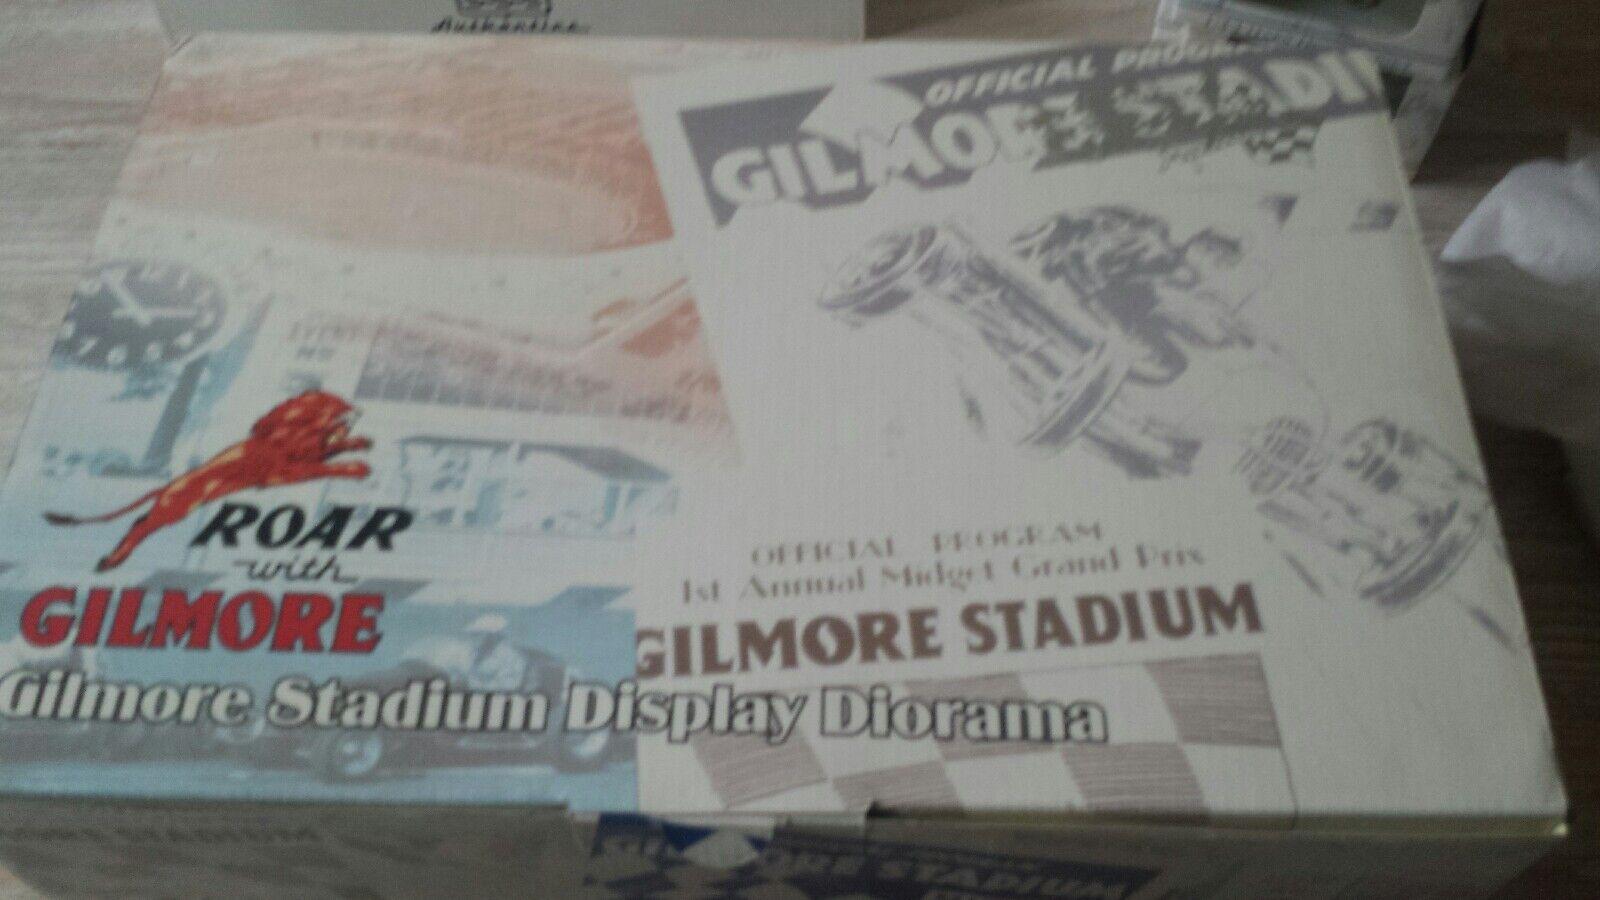 negozio online GMP 1 43 Gilmore Gilmore Gilmore Stadium & 5 Set auto 1 43  acquista la qualità autentica al 100%